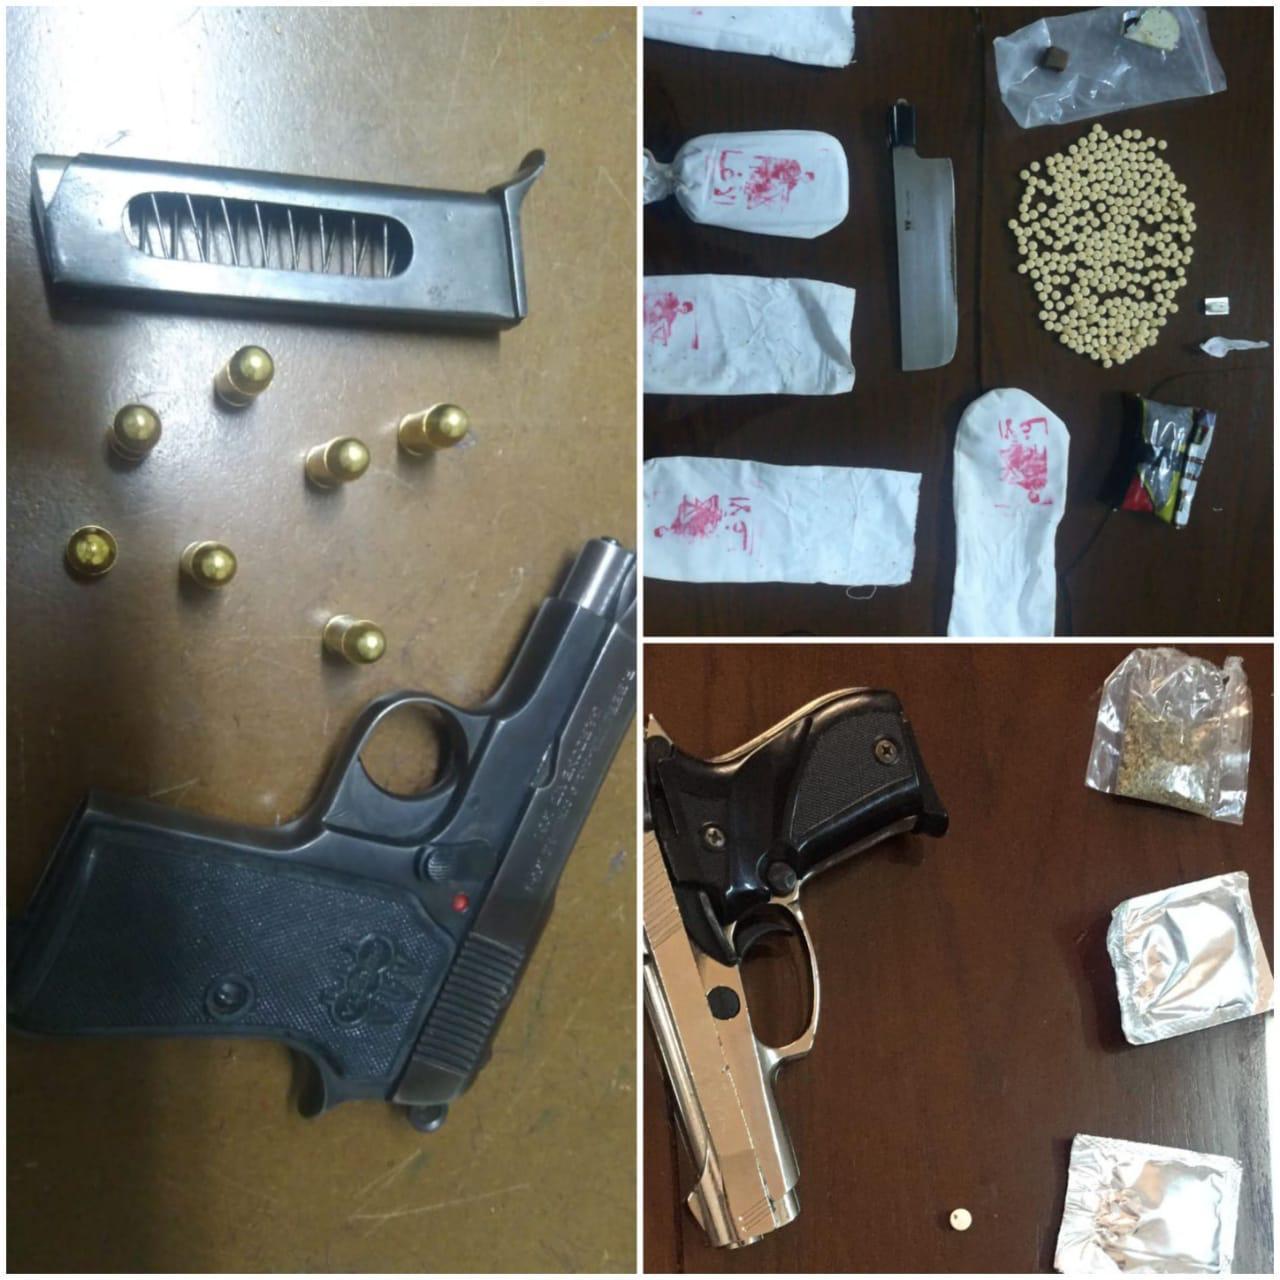 القبض على (25) شخصا من مروجي المواد المخدرة و ضبط بحوزتهم (5) اسلحة نارية وكميات من المواد المخدرة